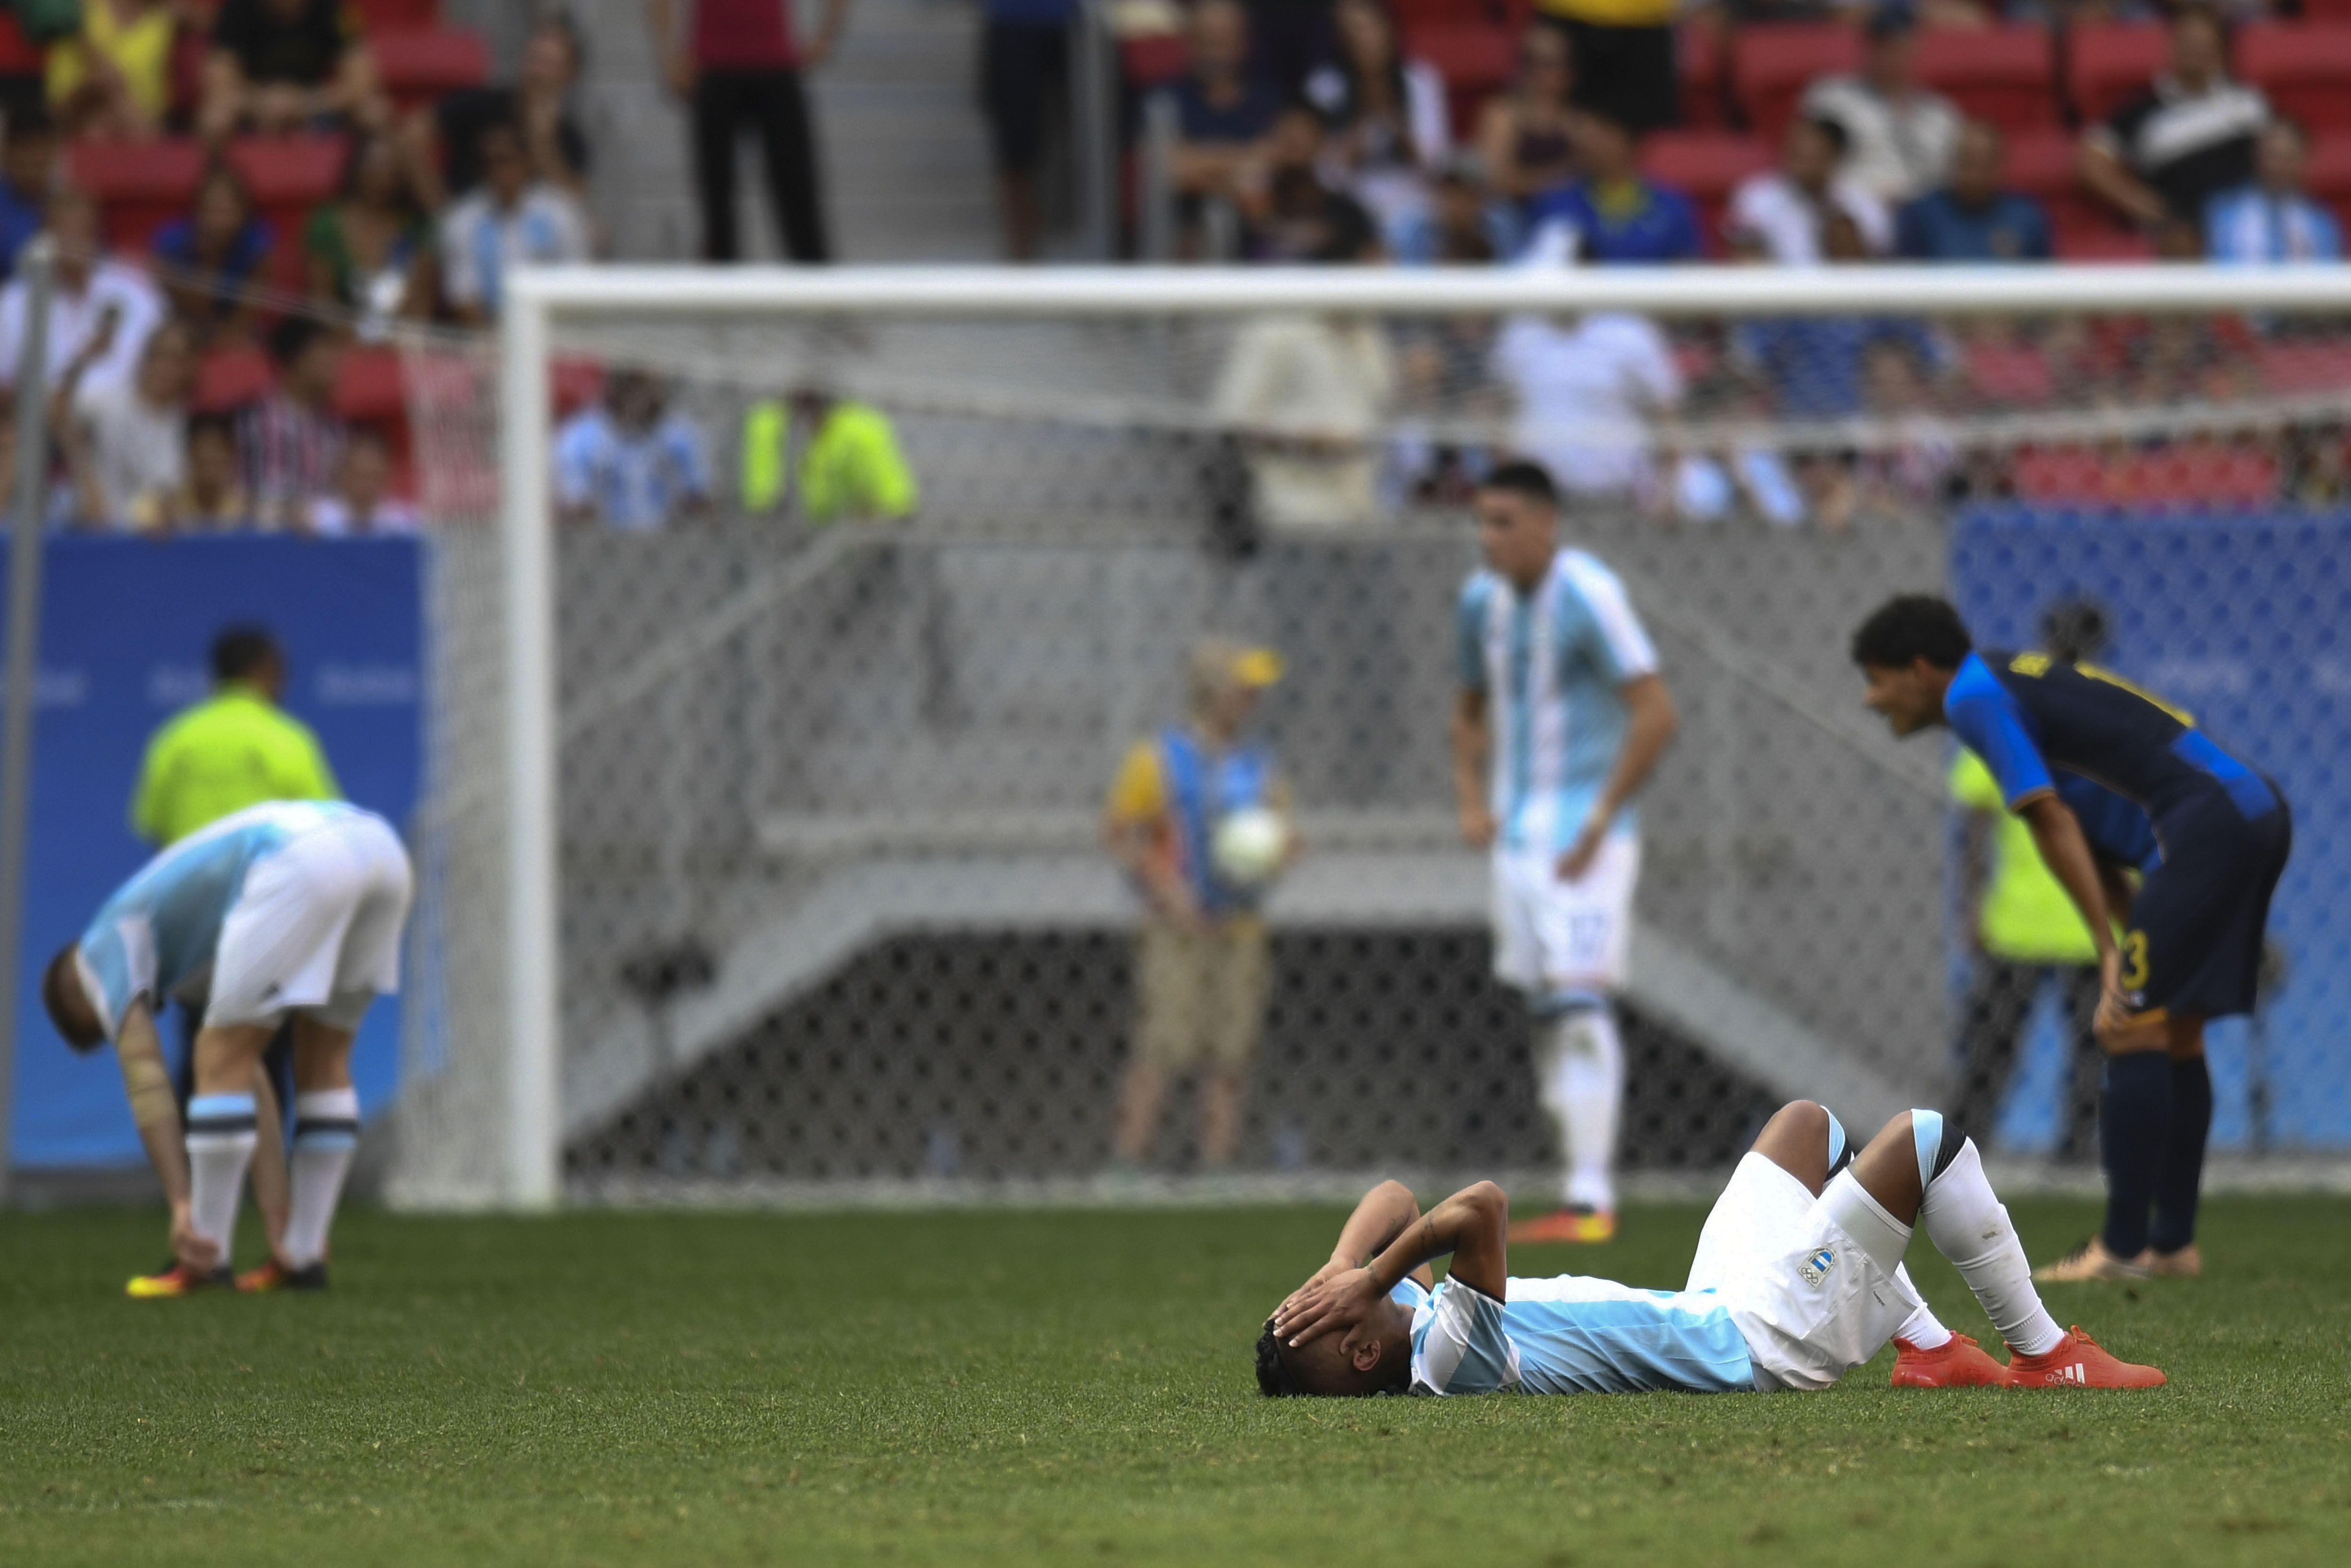 Tristeza nao tem fin: miércoles negro para la delegación argentina en Río 2016